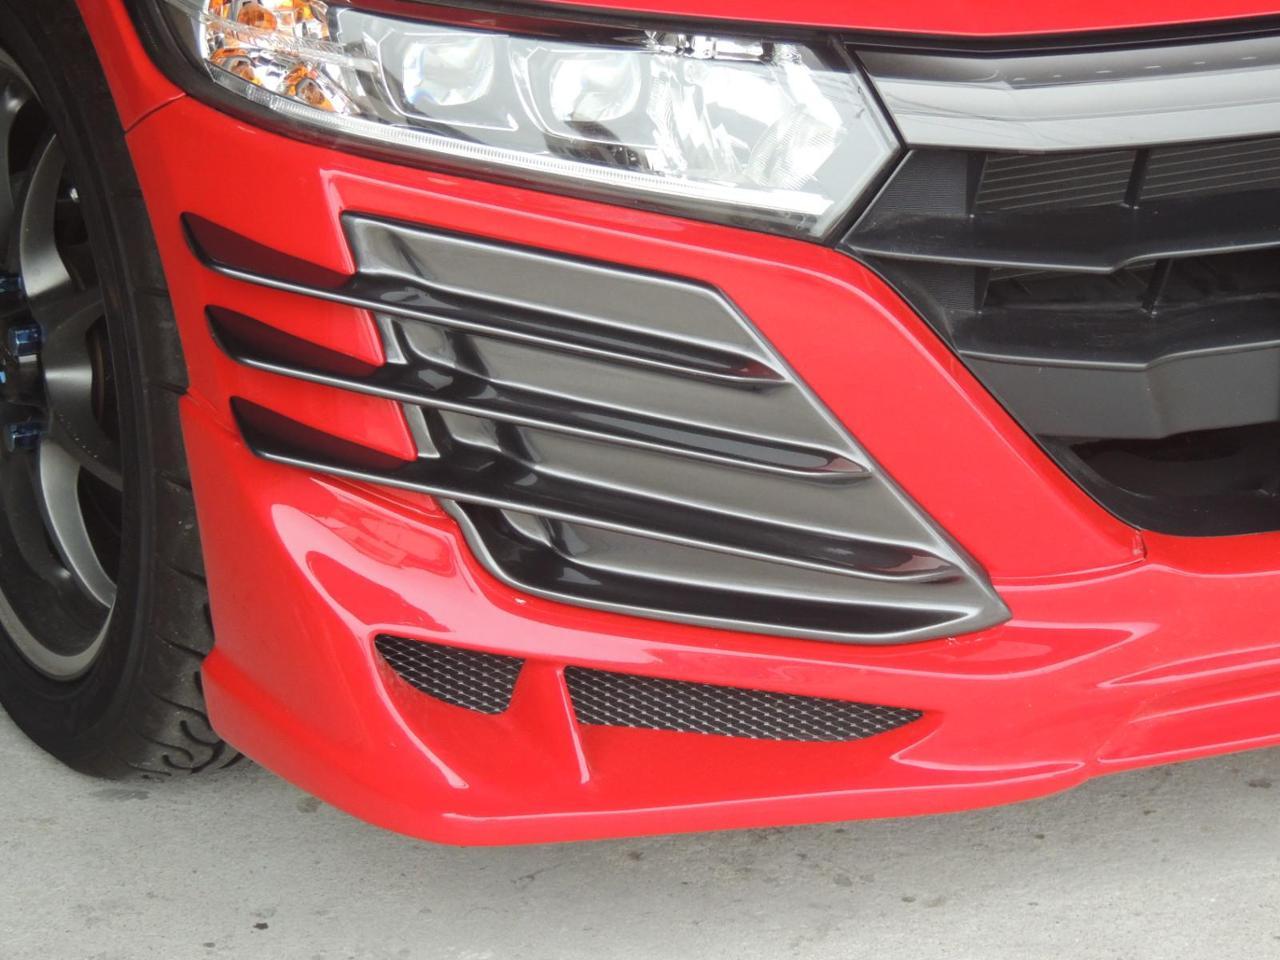 自作 Jmodeフロントハーフ装着車用フロントガーニッシュSタイプ